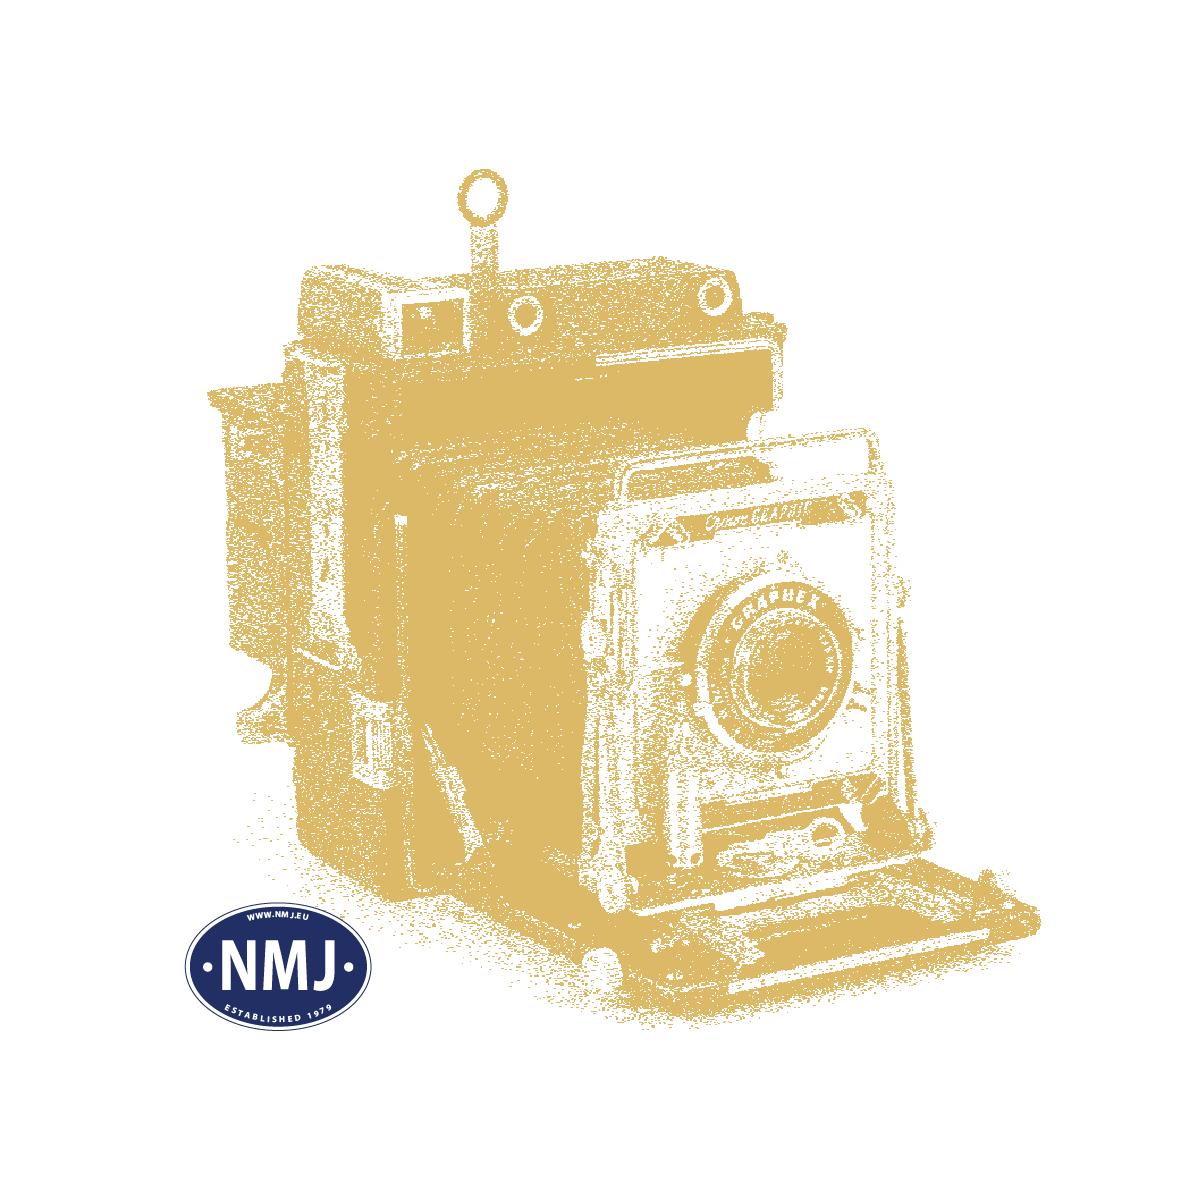 NMJT93003 - NMJ Topline SJ Y1 1308, Oransje, DCC m/ Lyd